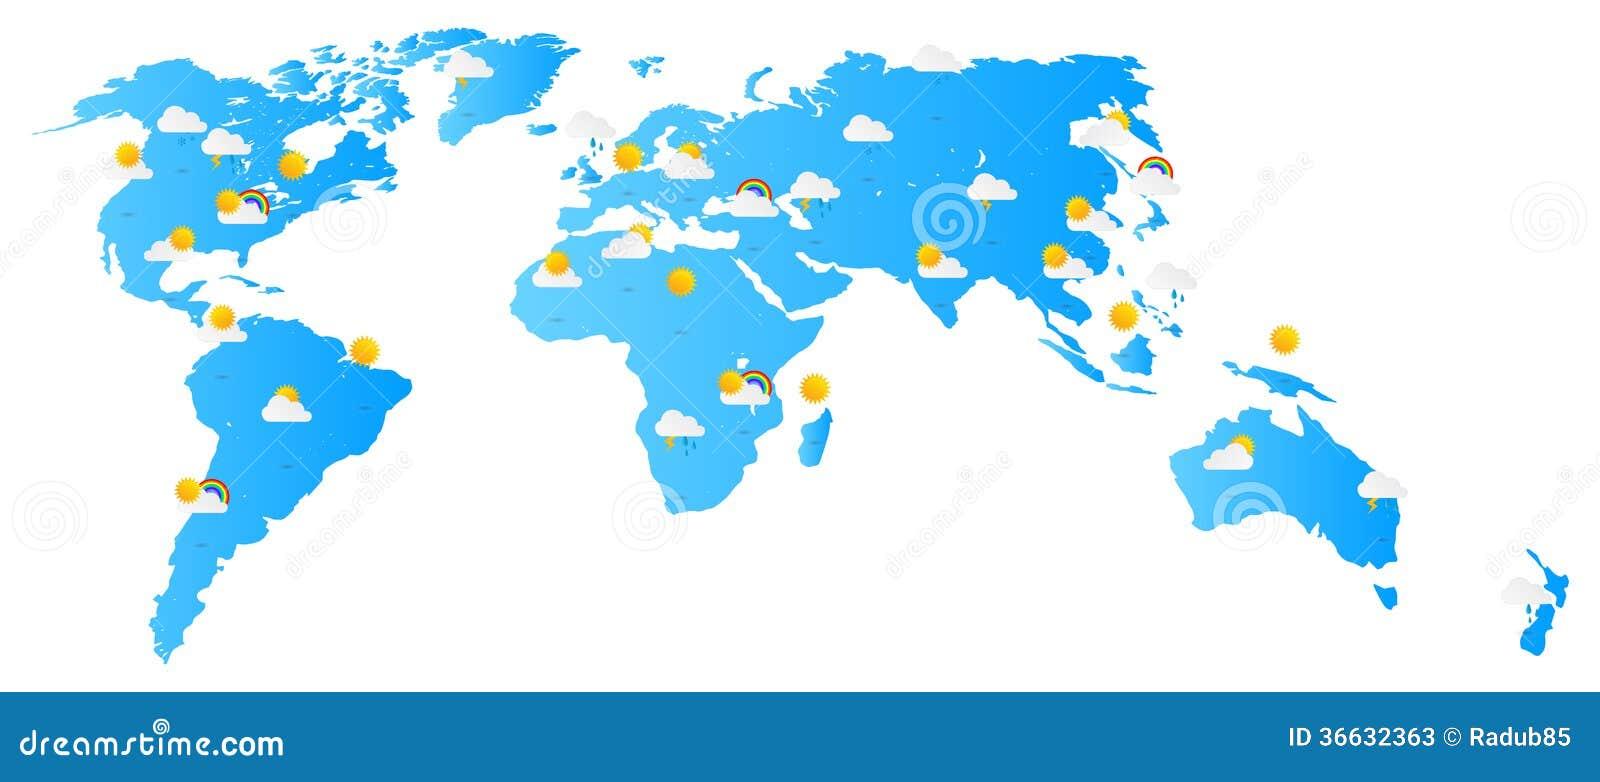 World Map Weather Forecast Stock Photos Image 36632363